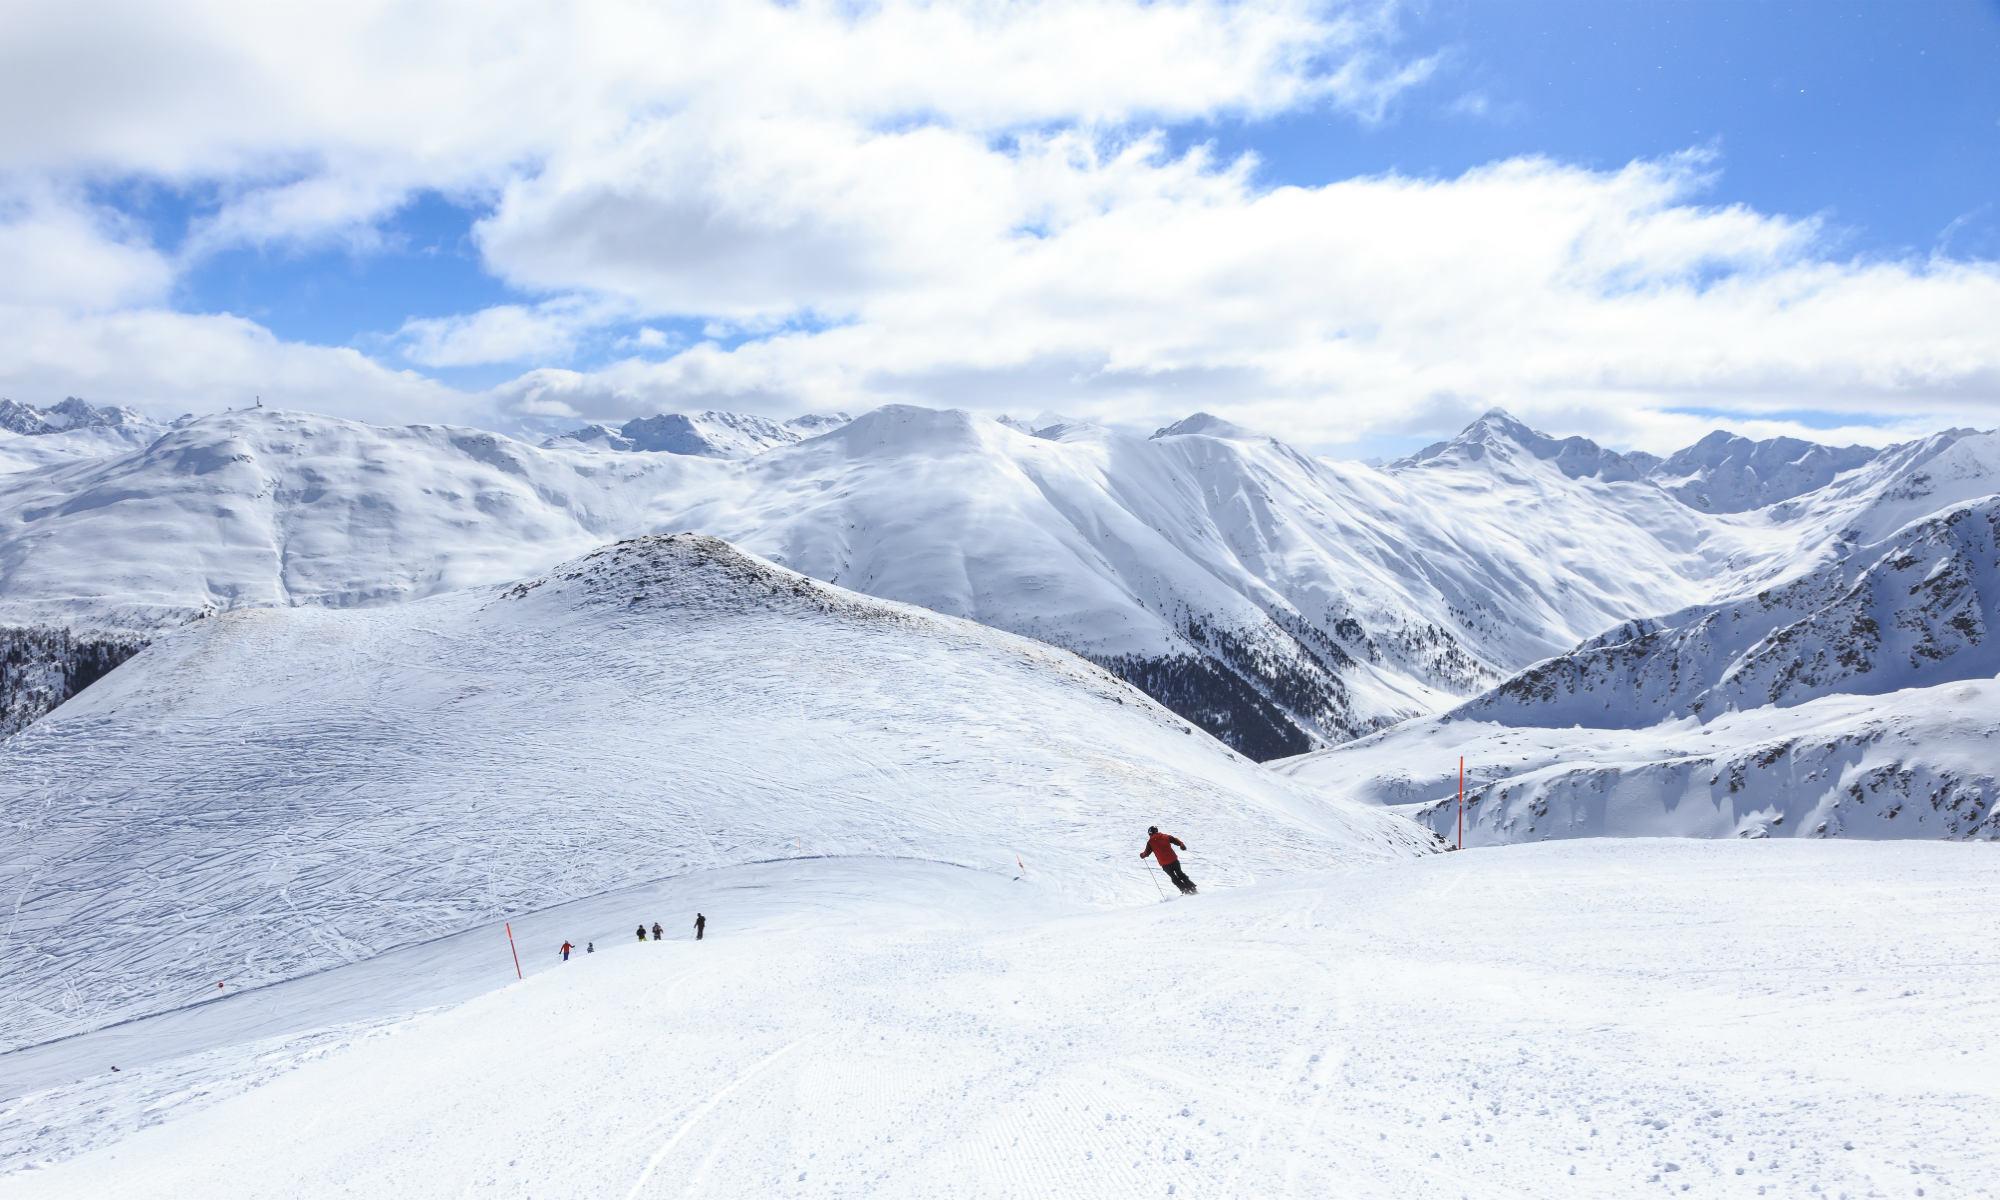 Uno sciatore lungo le piste vuote di una Livigno super innevata.